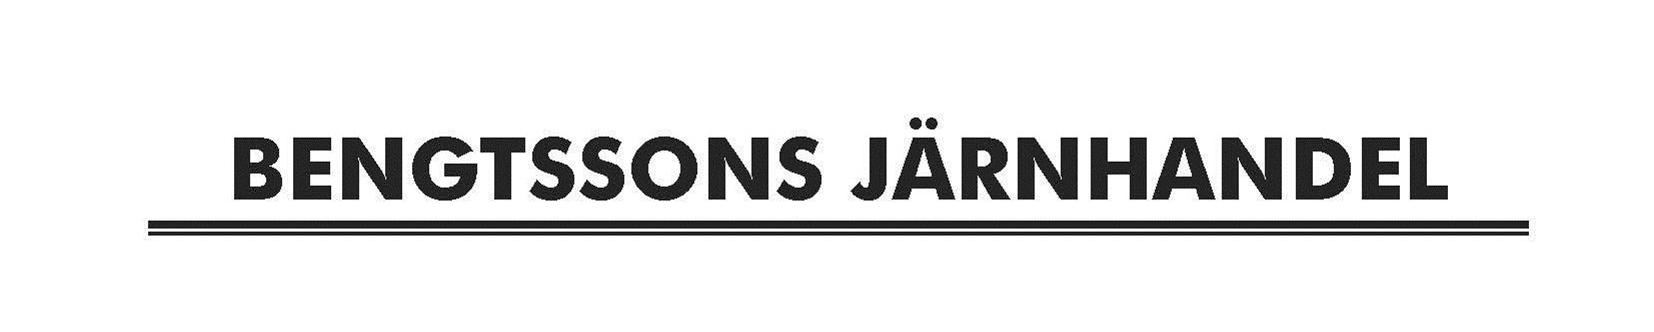 Sportfiskeutrustning hos Bengtssons Järnhandel